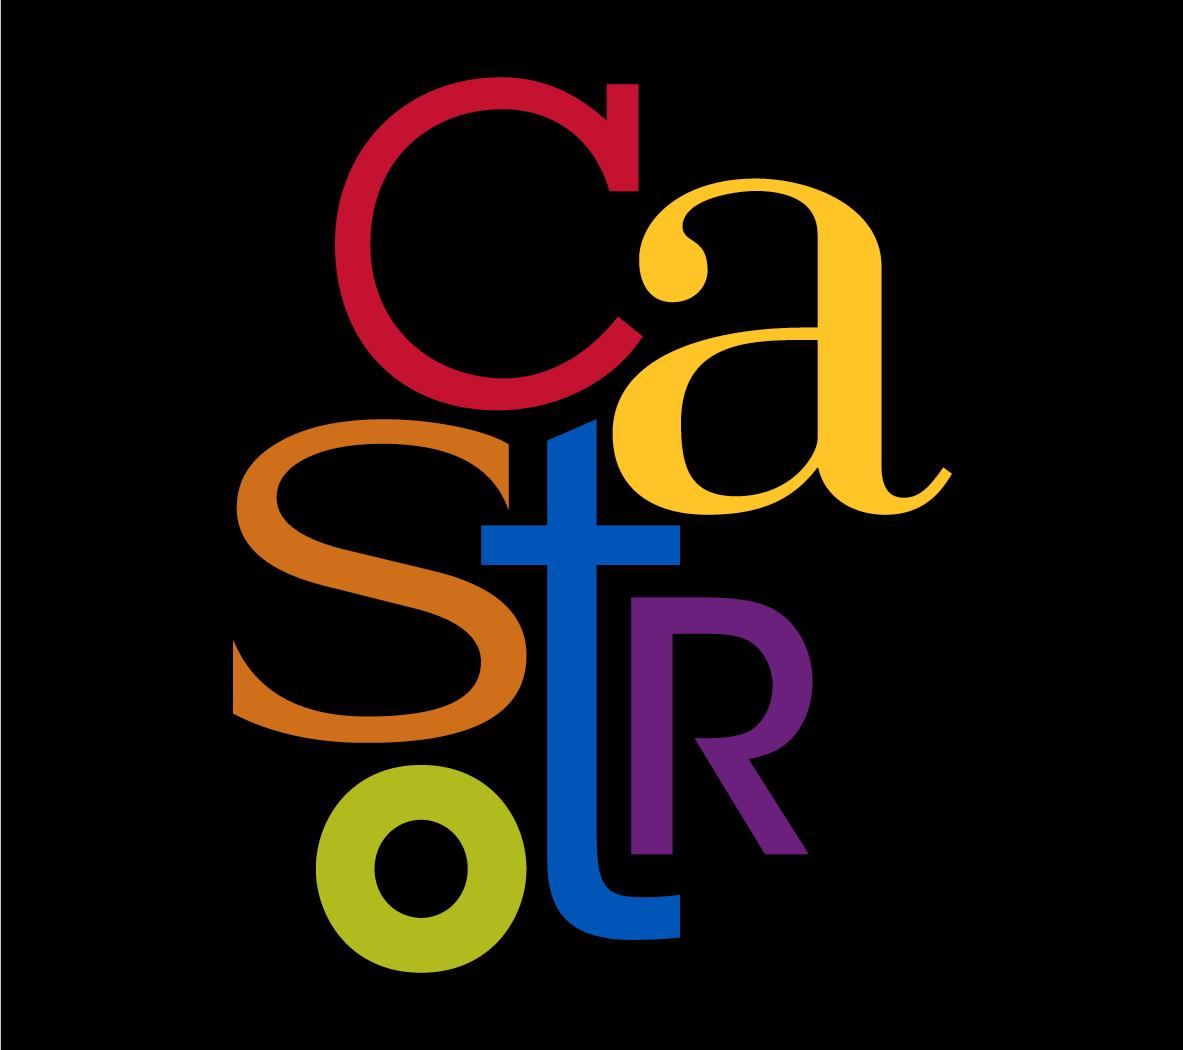 Castro CBD